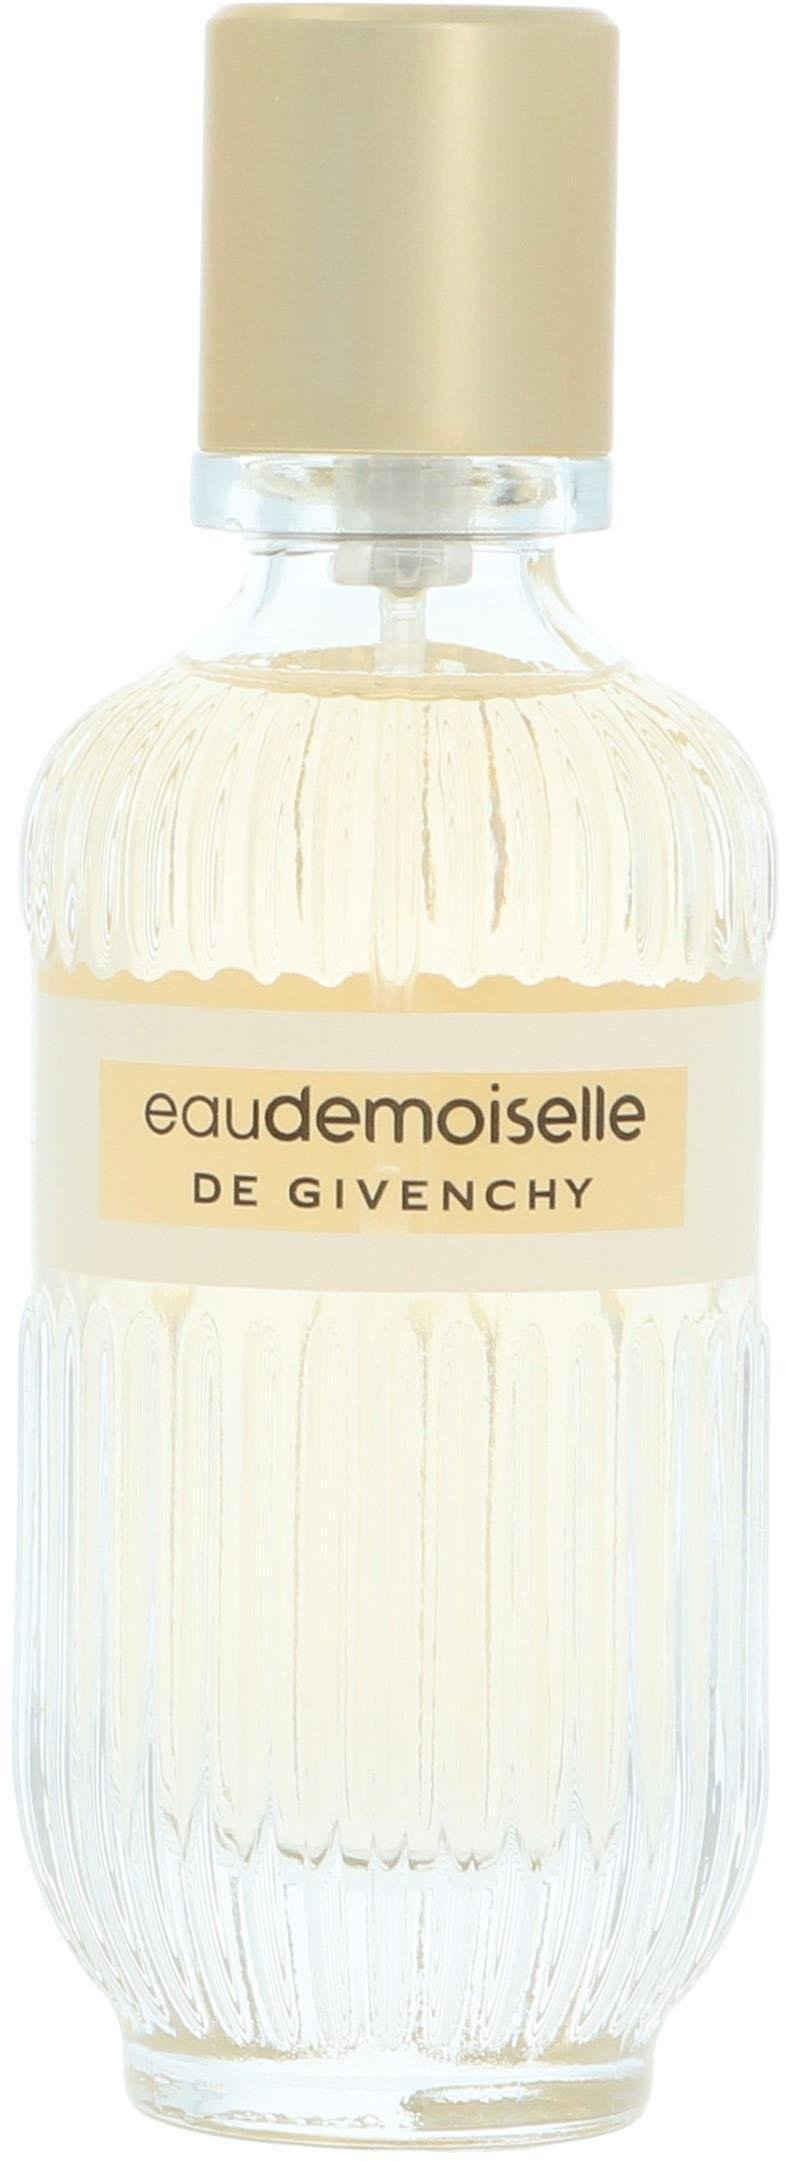 GIVENCHY Eau de Toilette »Eau de Mademoiselle«